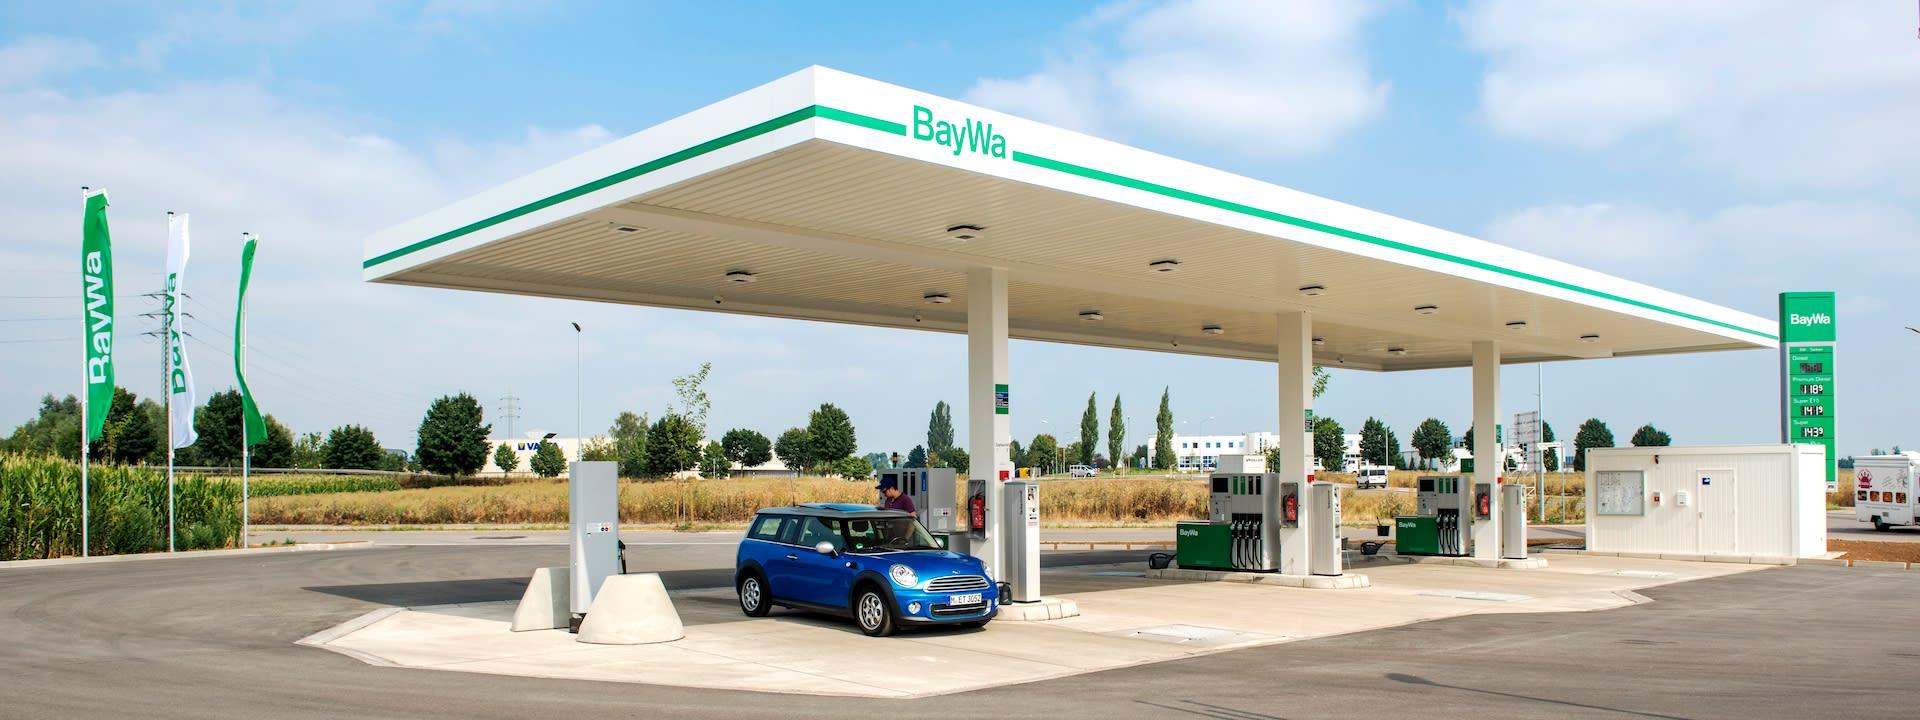 BayWa Tankstelle Treuchtlingen